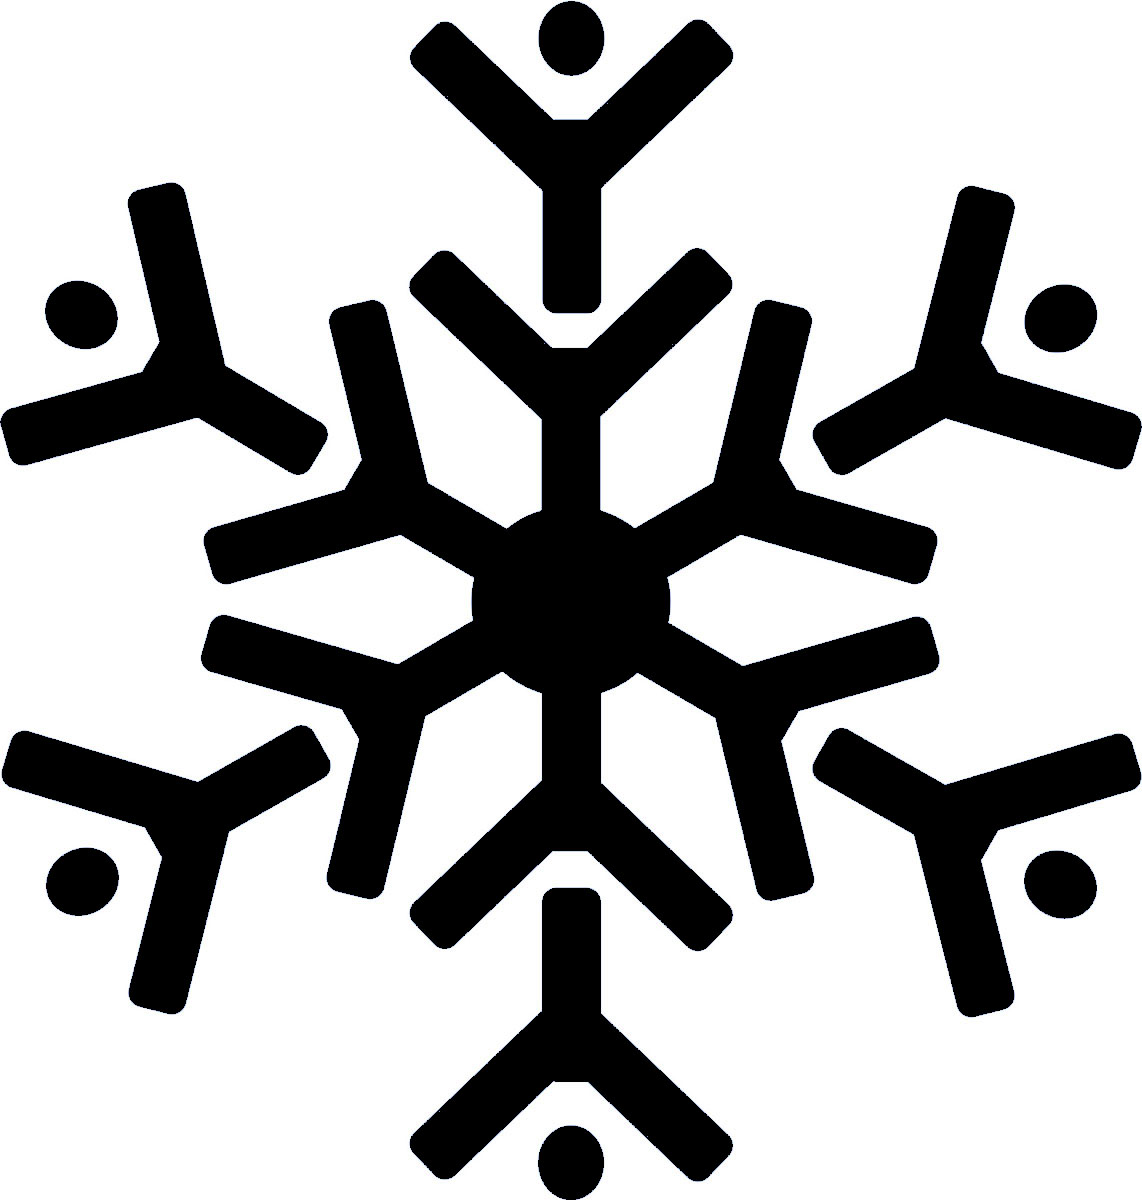 Наклейка автомобильная Оранжевый слоник Снежинка 3, виниловая, цвет: черныйCA-3505Оригинальная наклейка Оранжевый слоник Снежинка 3 изготовлена из высококачественной виниловой пленки, которая выполняет не только декоративную функцию, но и защищает кузов автомобиля от небольших механических повреждений, либо скрывает уже существующие.Виниловые наклейки на автомобиль - это не только красиво, но еще и быстро! Всего за несколько минут вы можете полностью преобразить свой автомобиль, сделать его ярким, необычным, особенным и неповторимым!